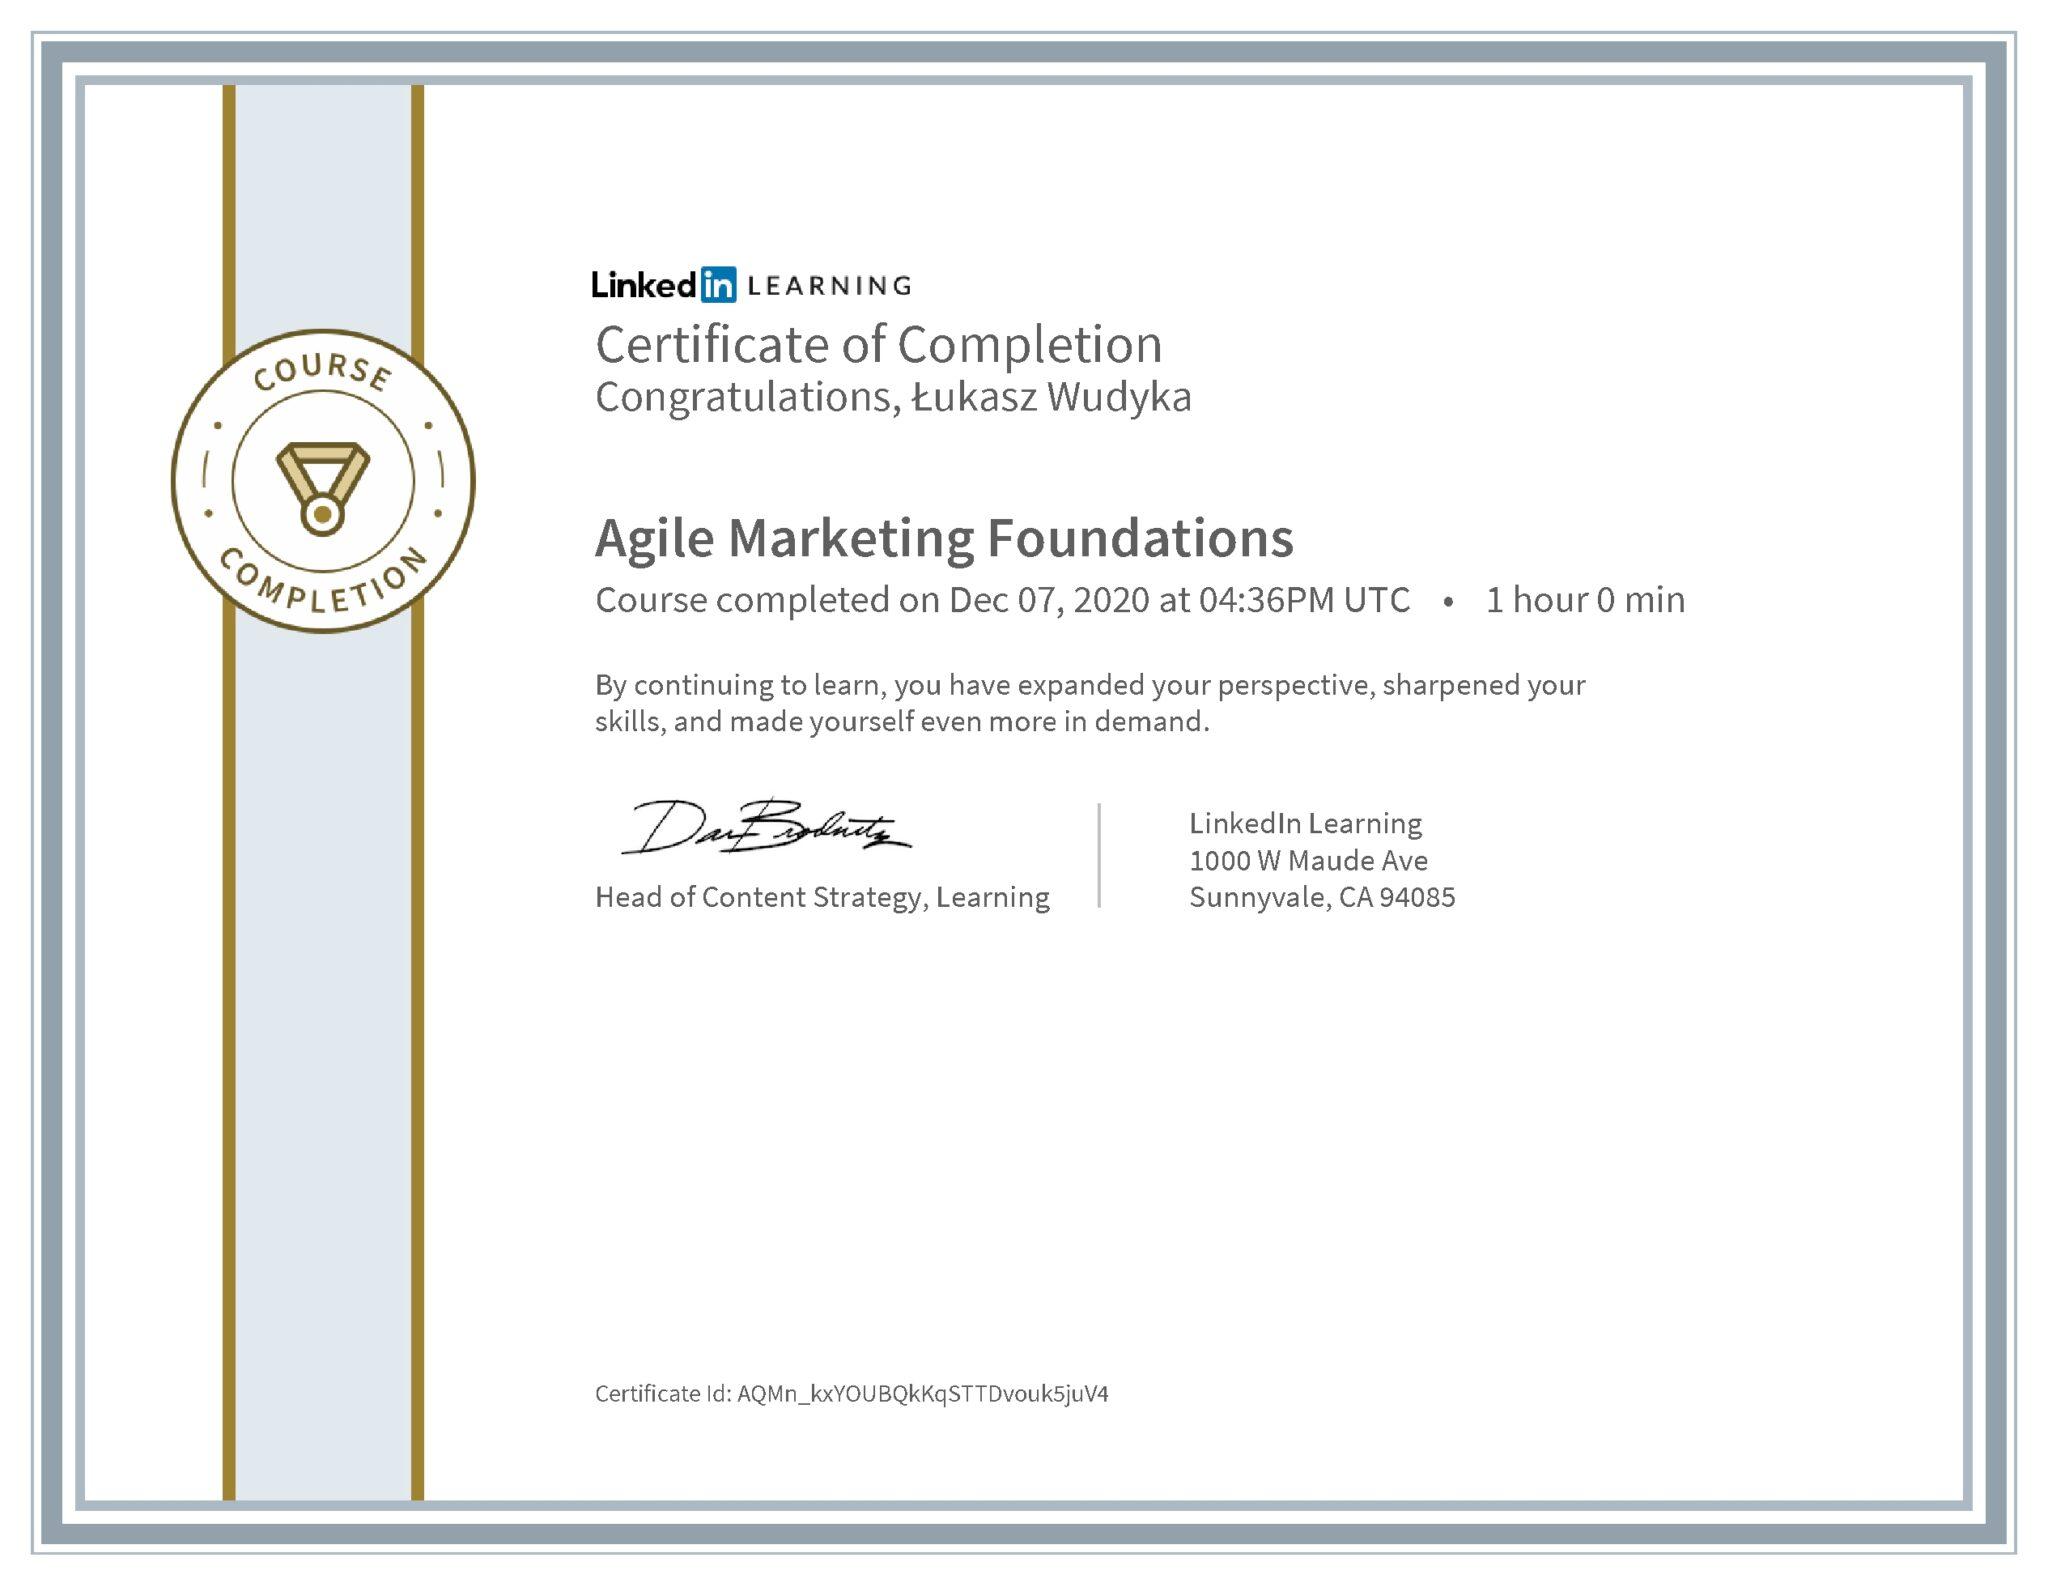 Łukasz Wudyka certyfikat LinkedIn Agile Marketing Foundations